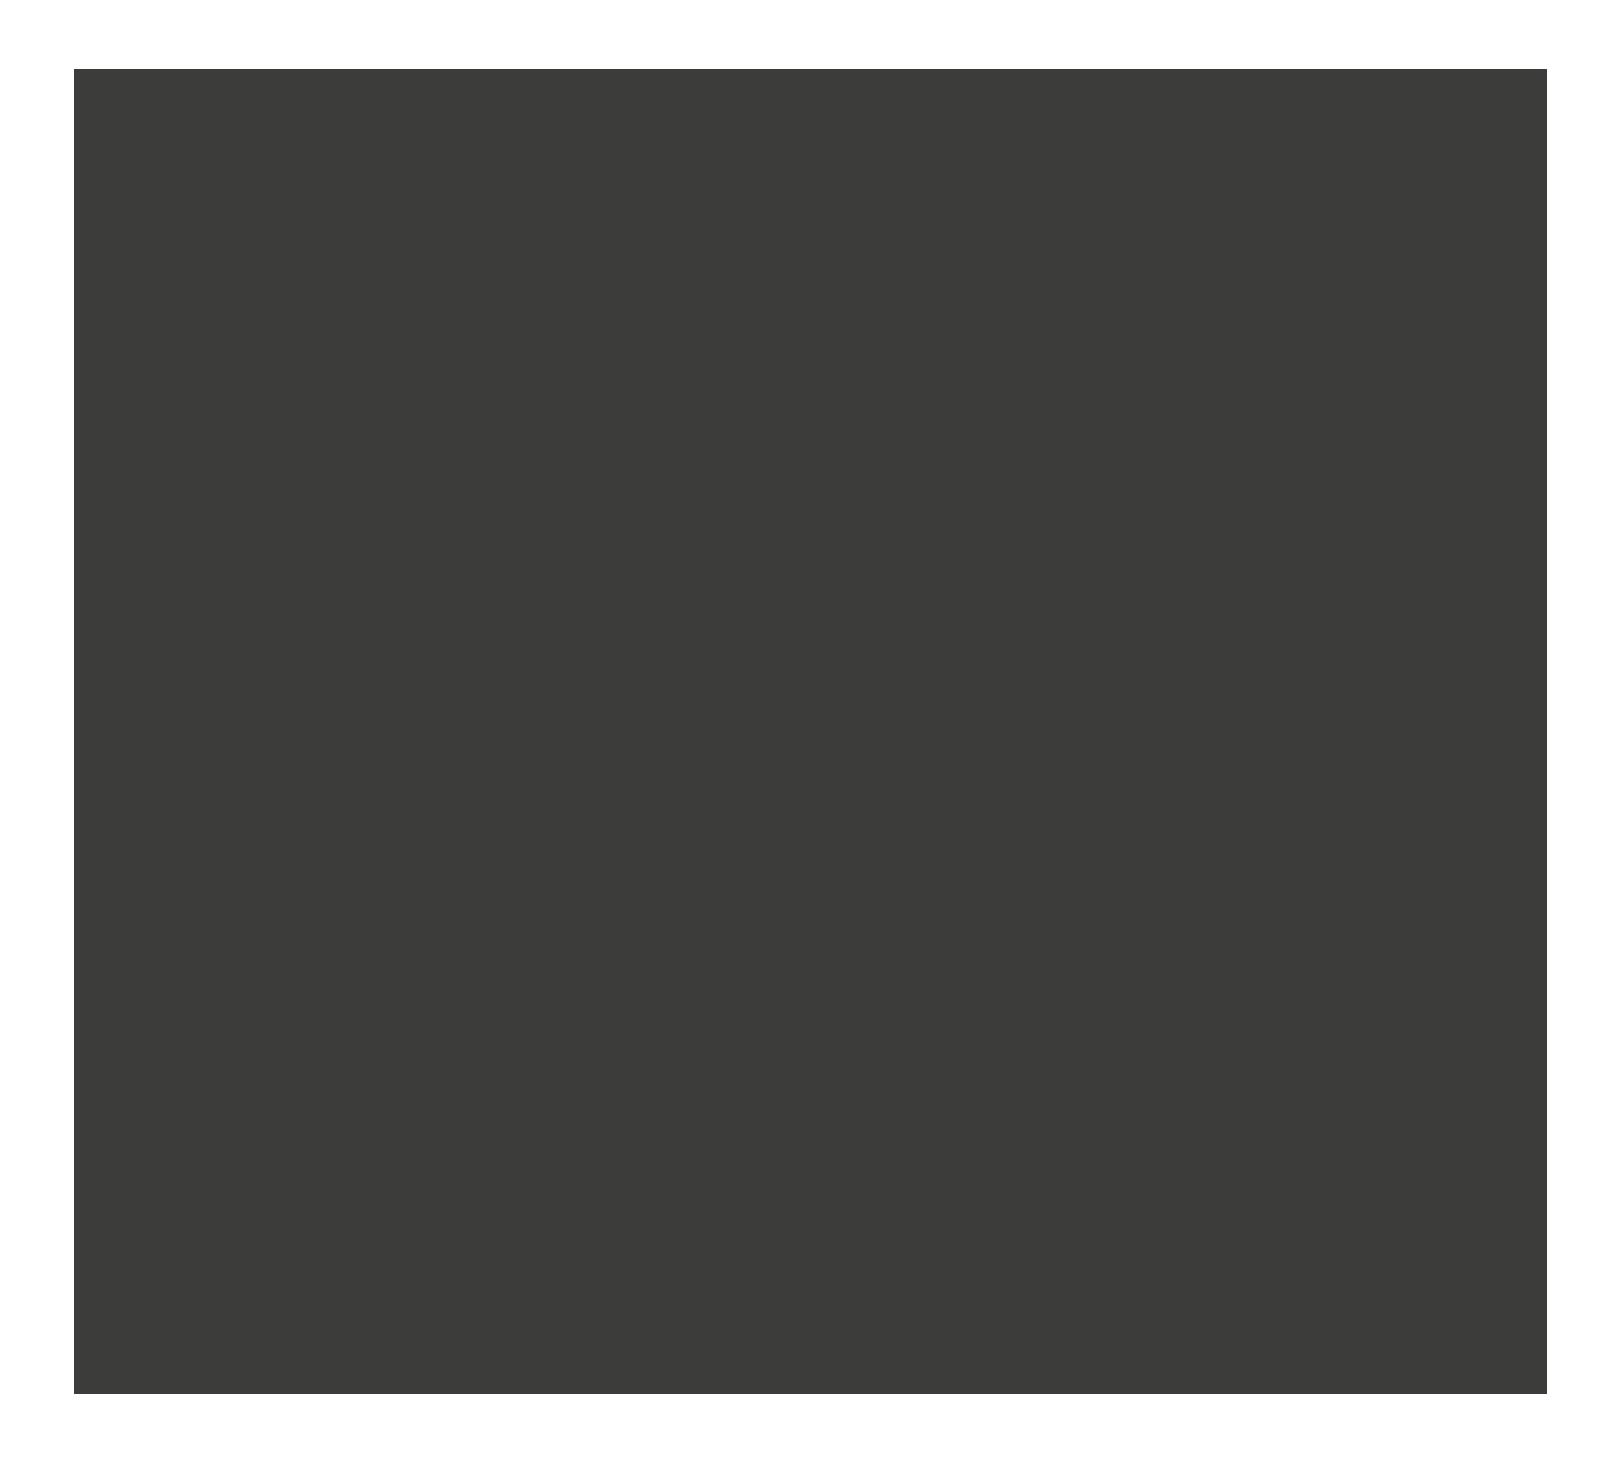 Konzeption und Webdesign durch Rubivision